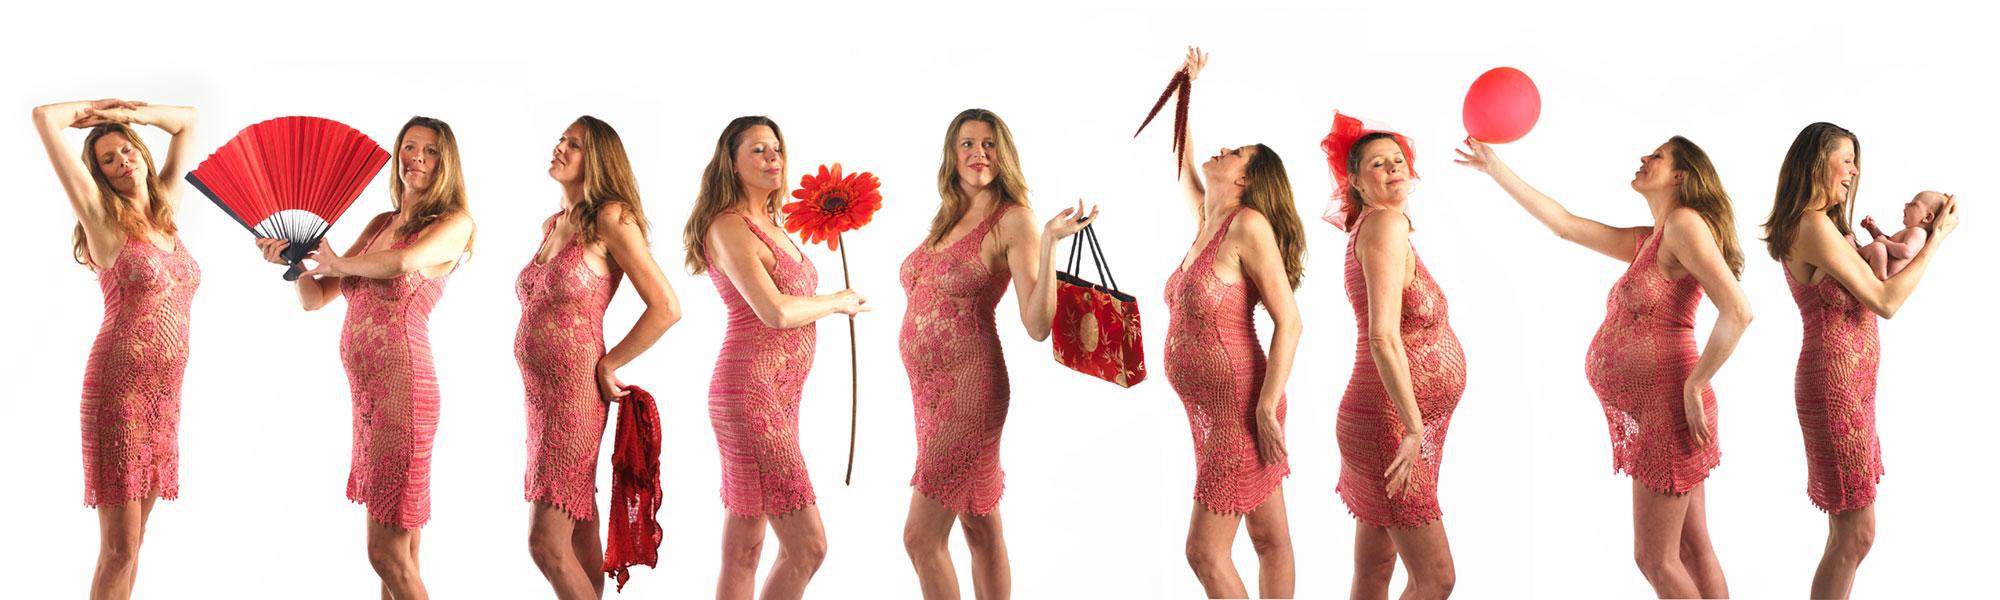 9 maanden zwanger sequentie